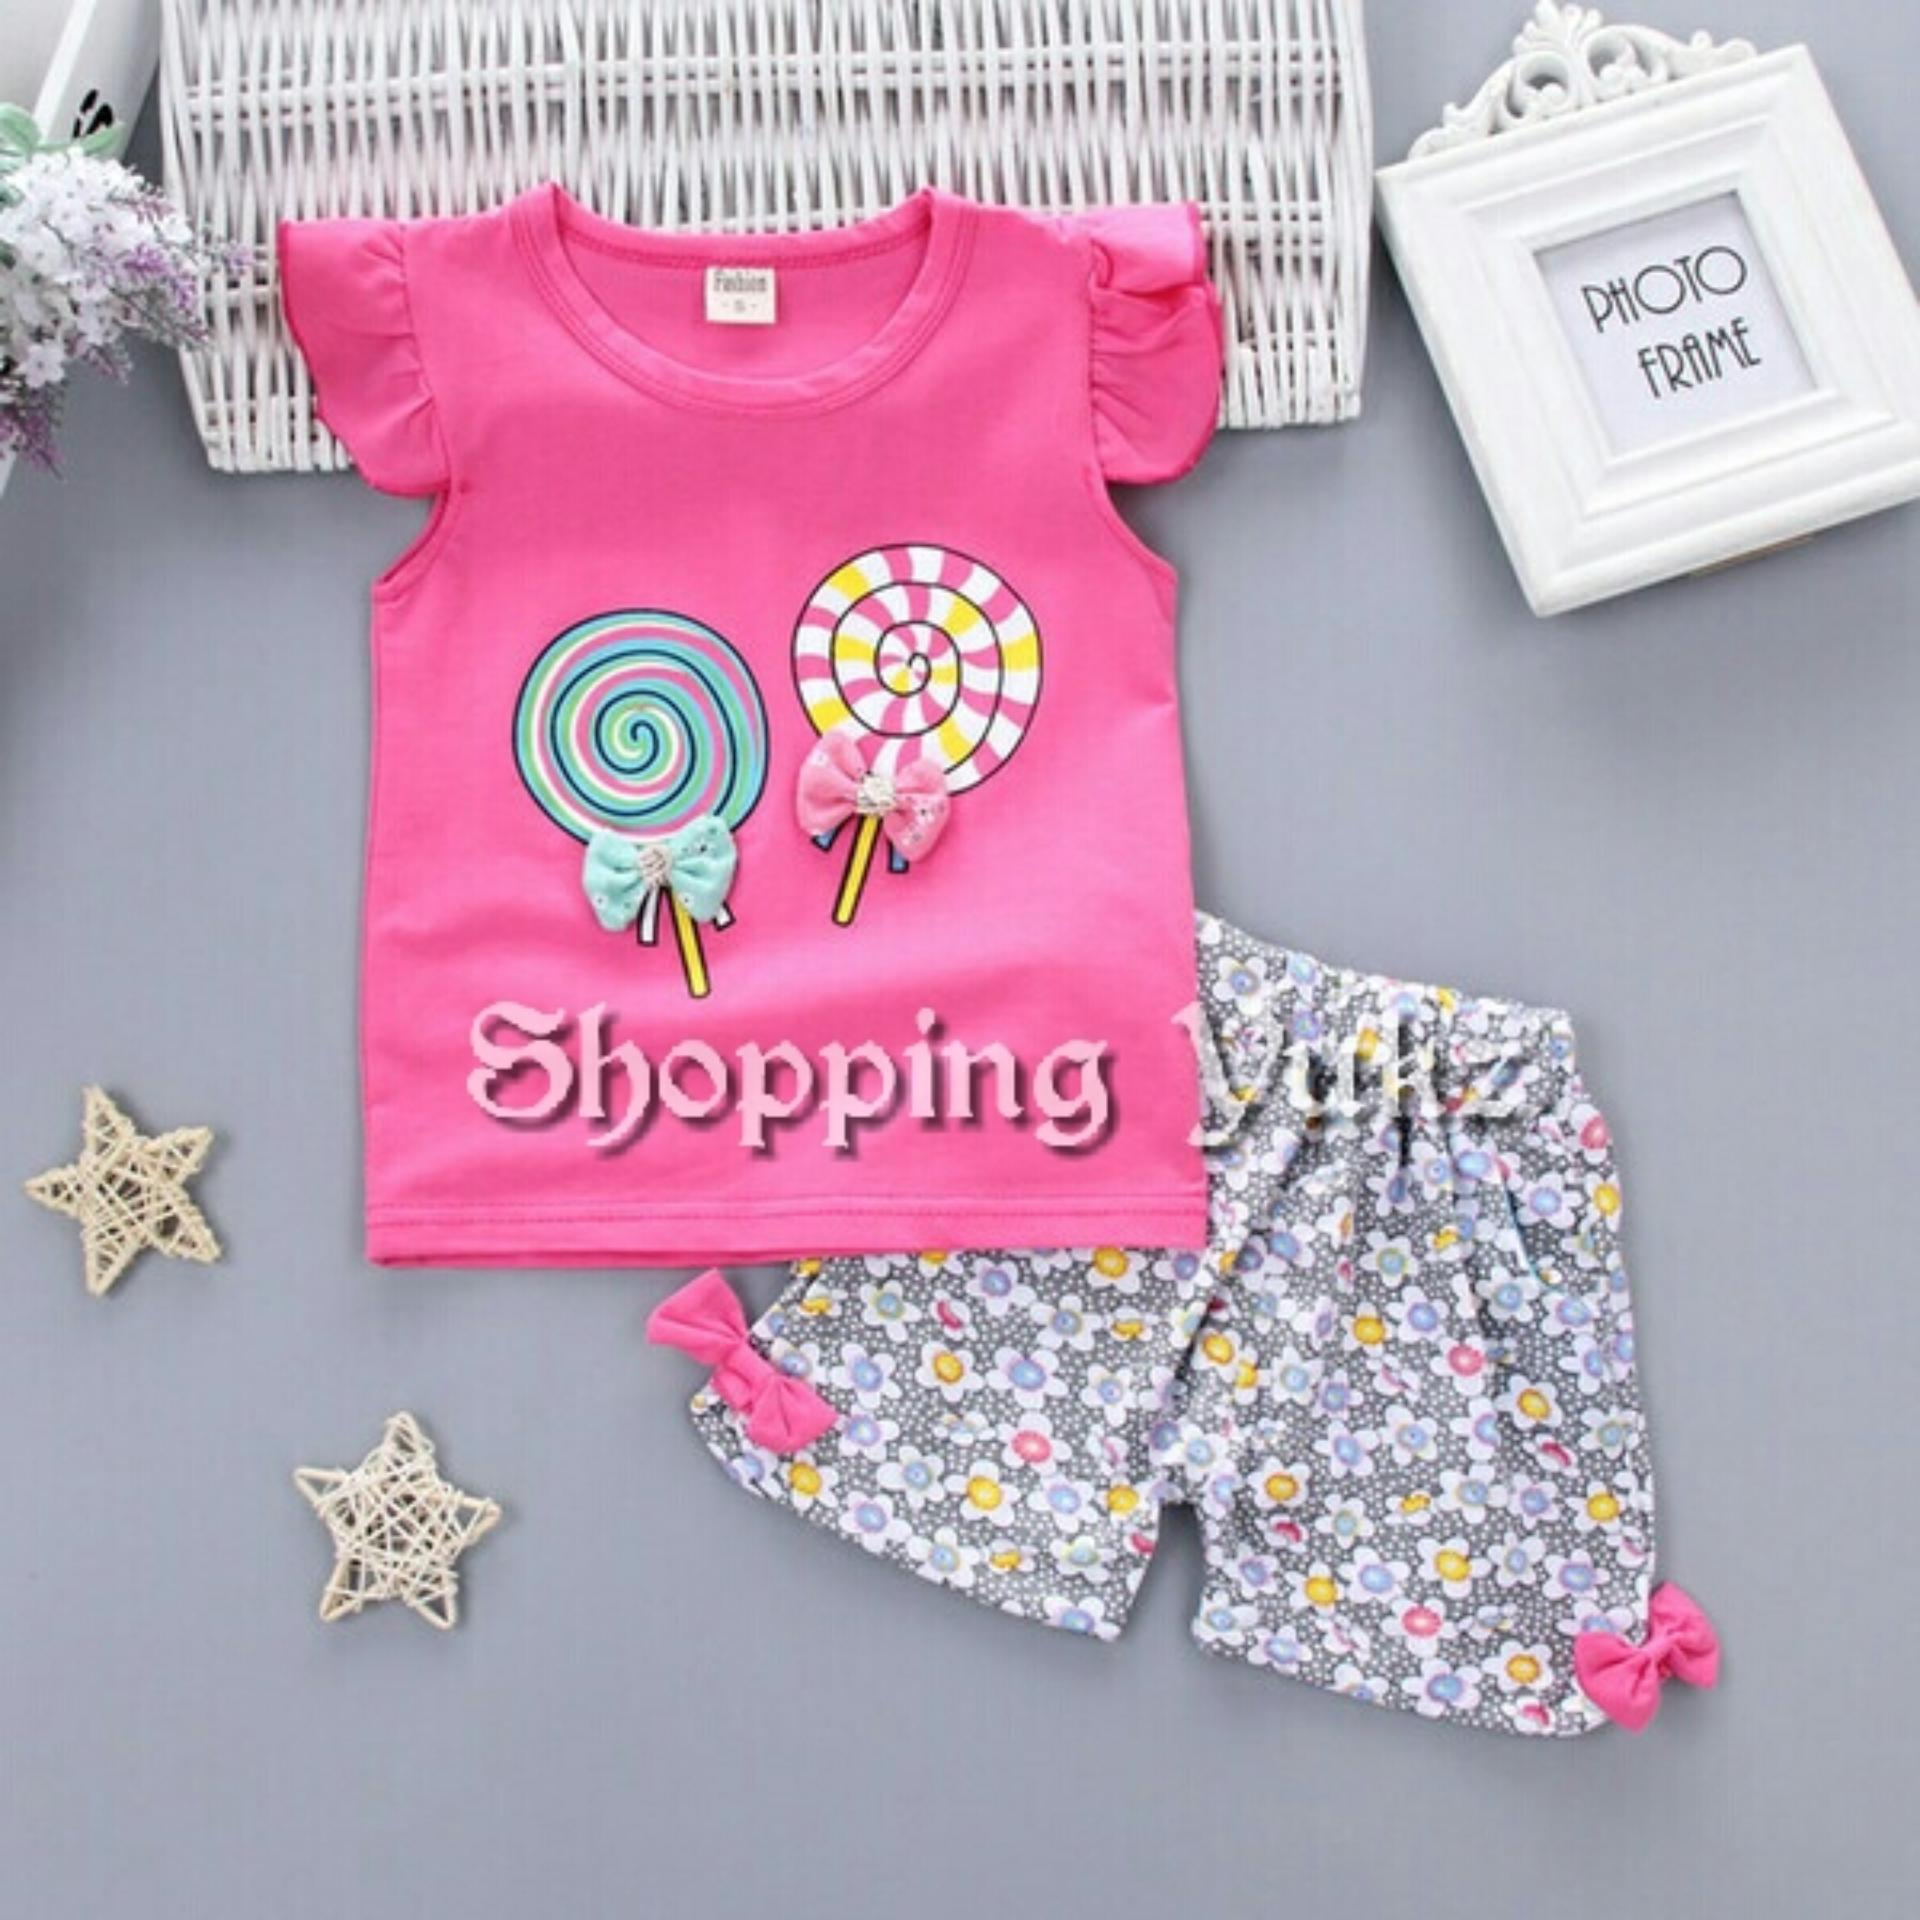 Shopping Toko Online Laris Manis Jual Berbagai Produk Terlaris